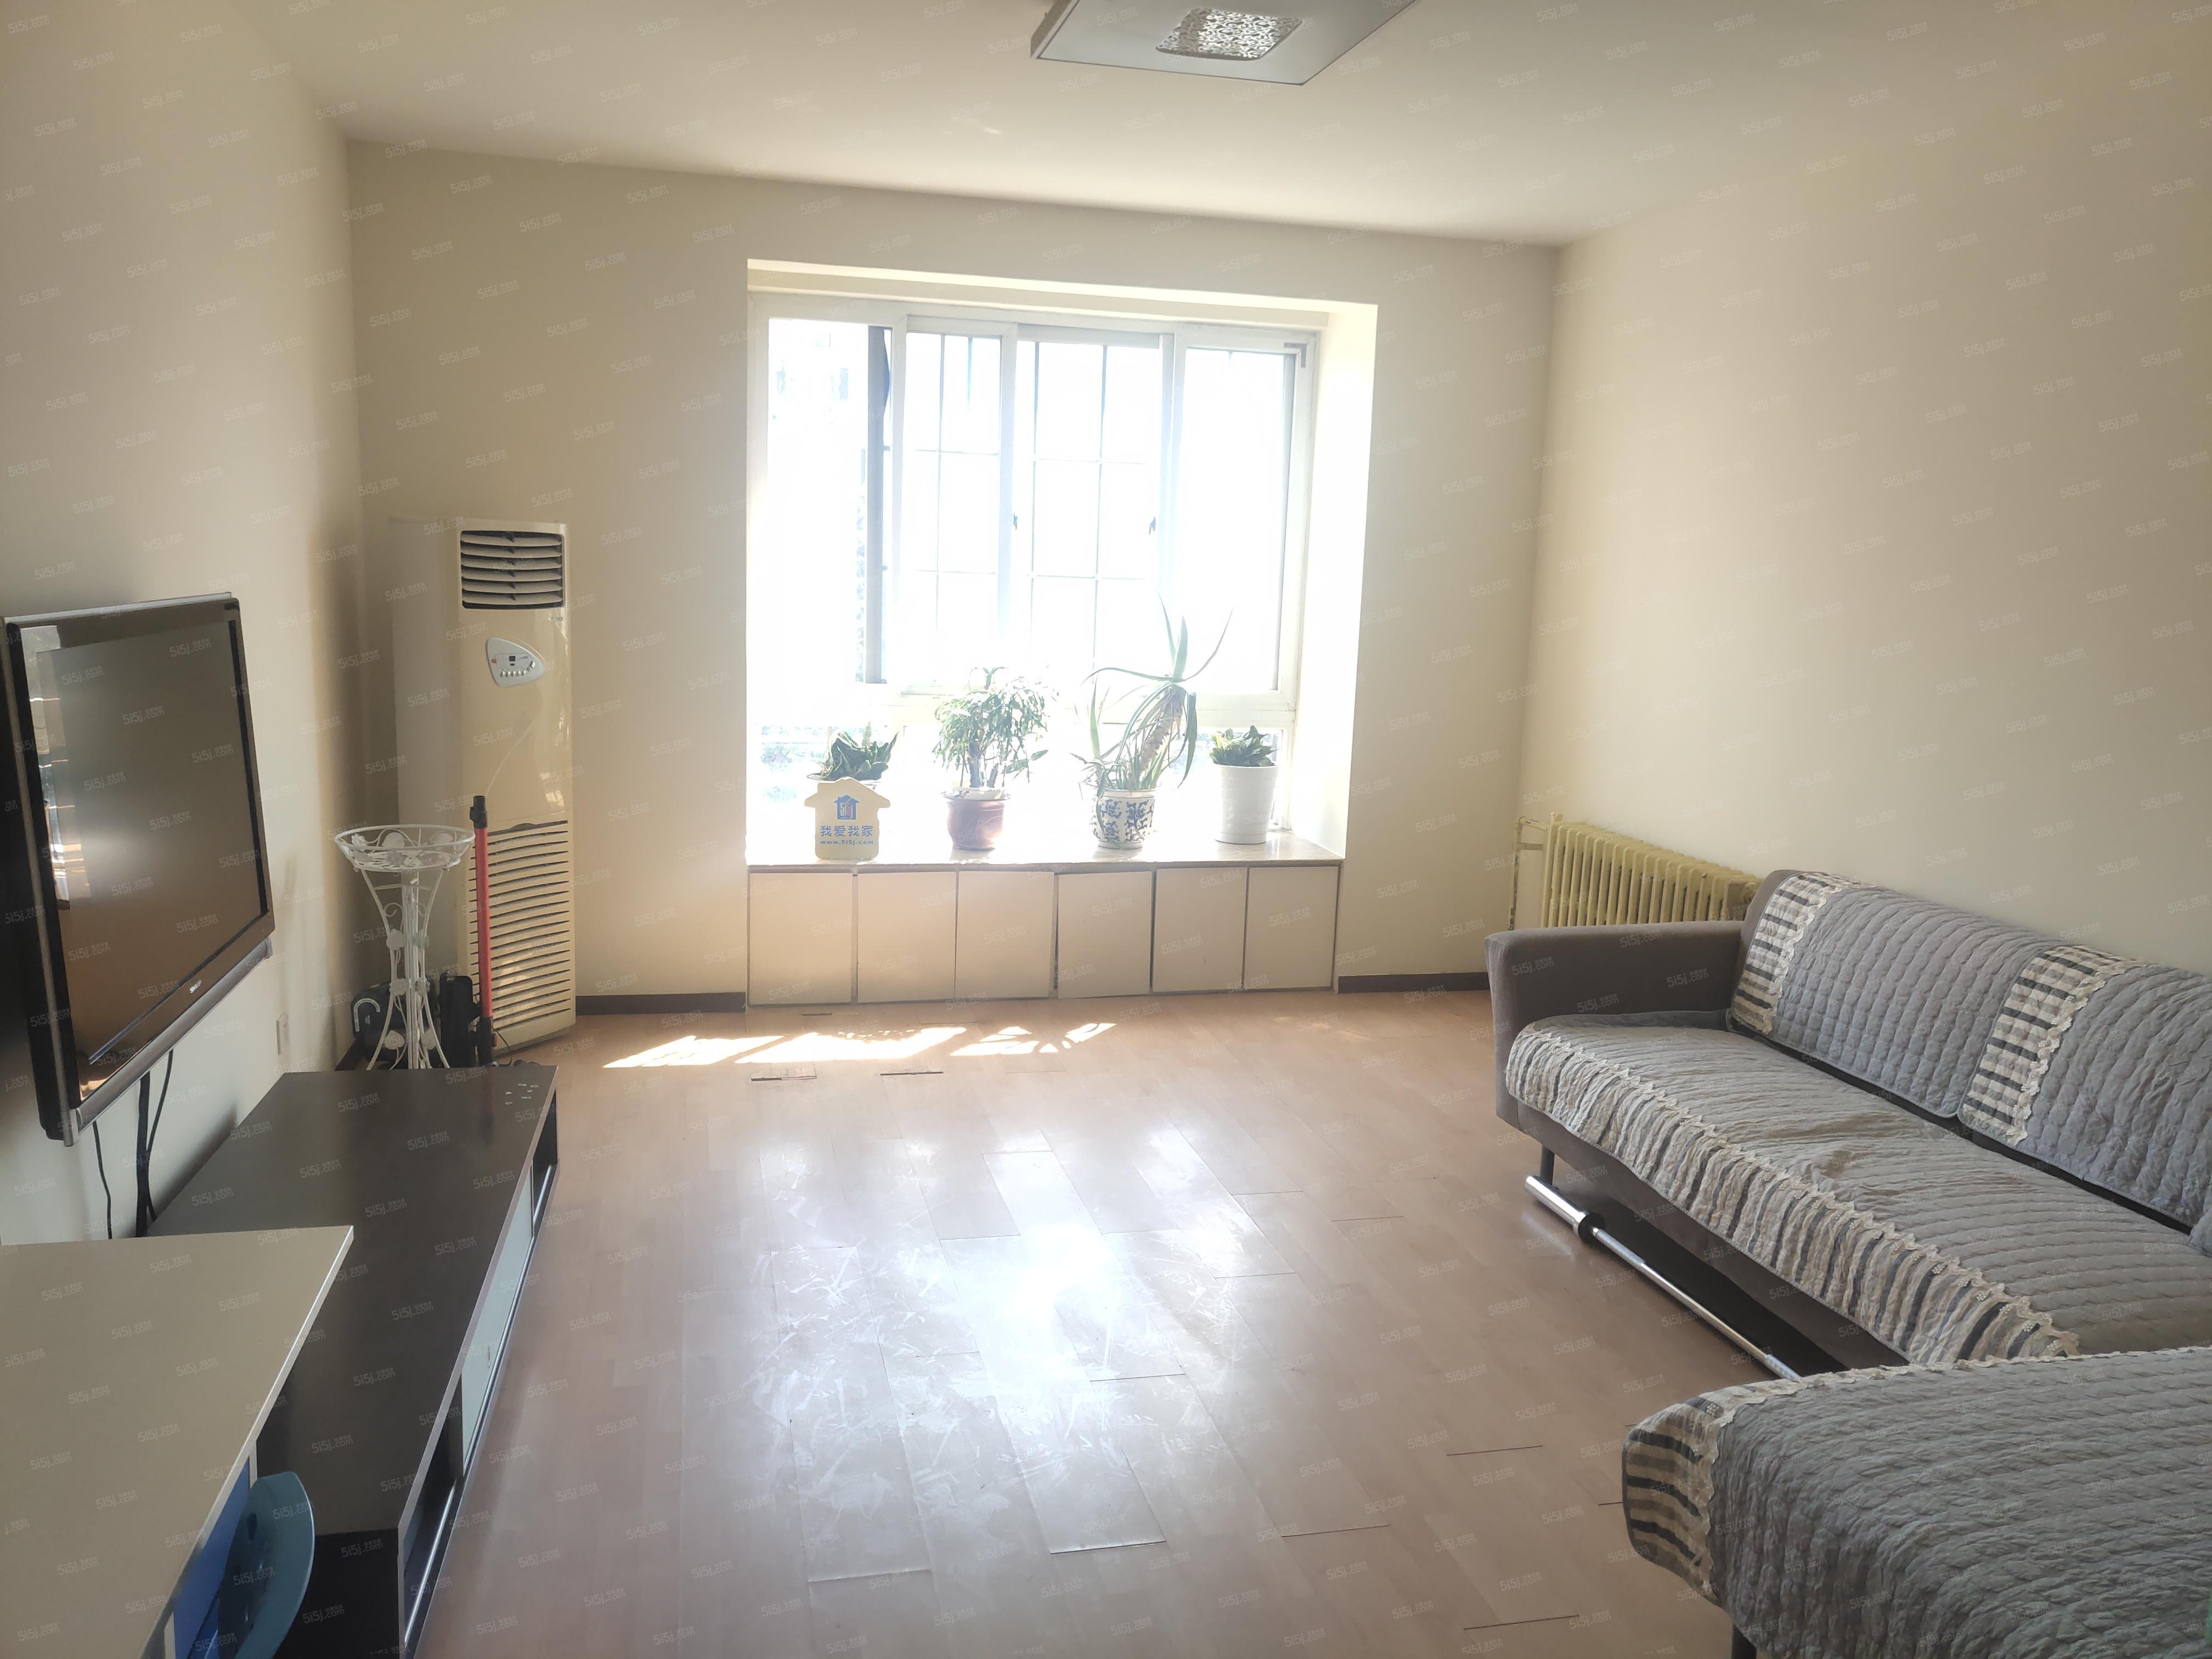 清澄南区 精装2居室 家具家电齐全 随时看房入住